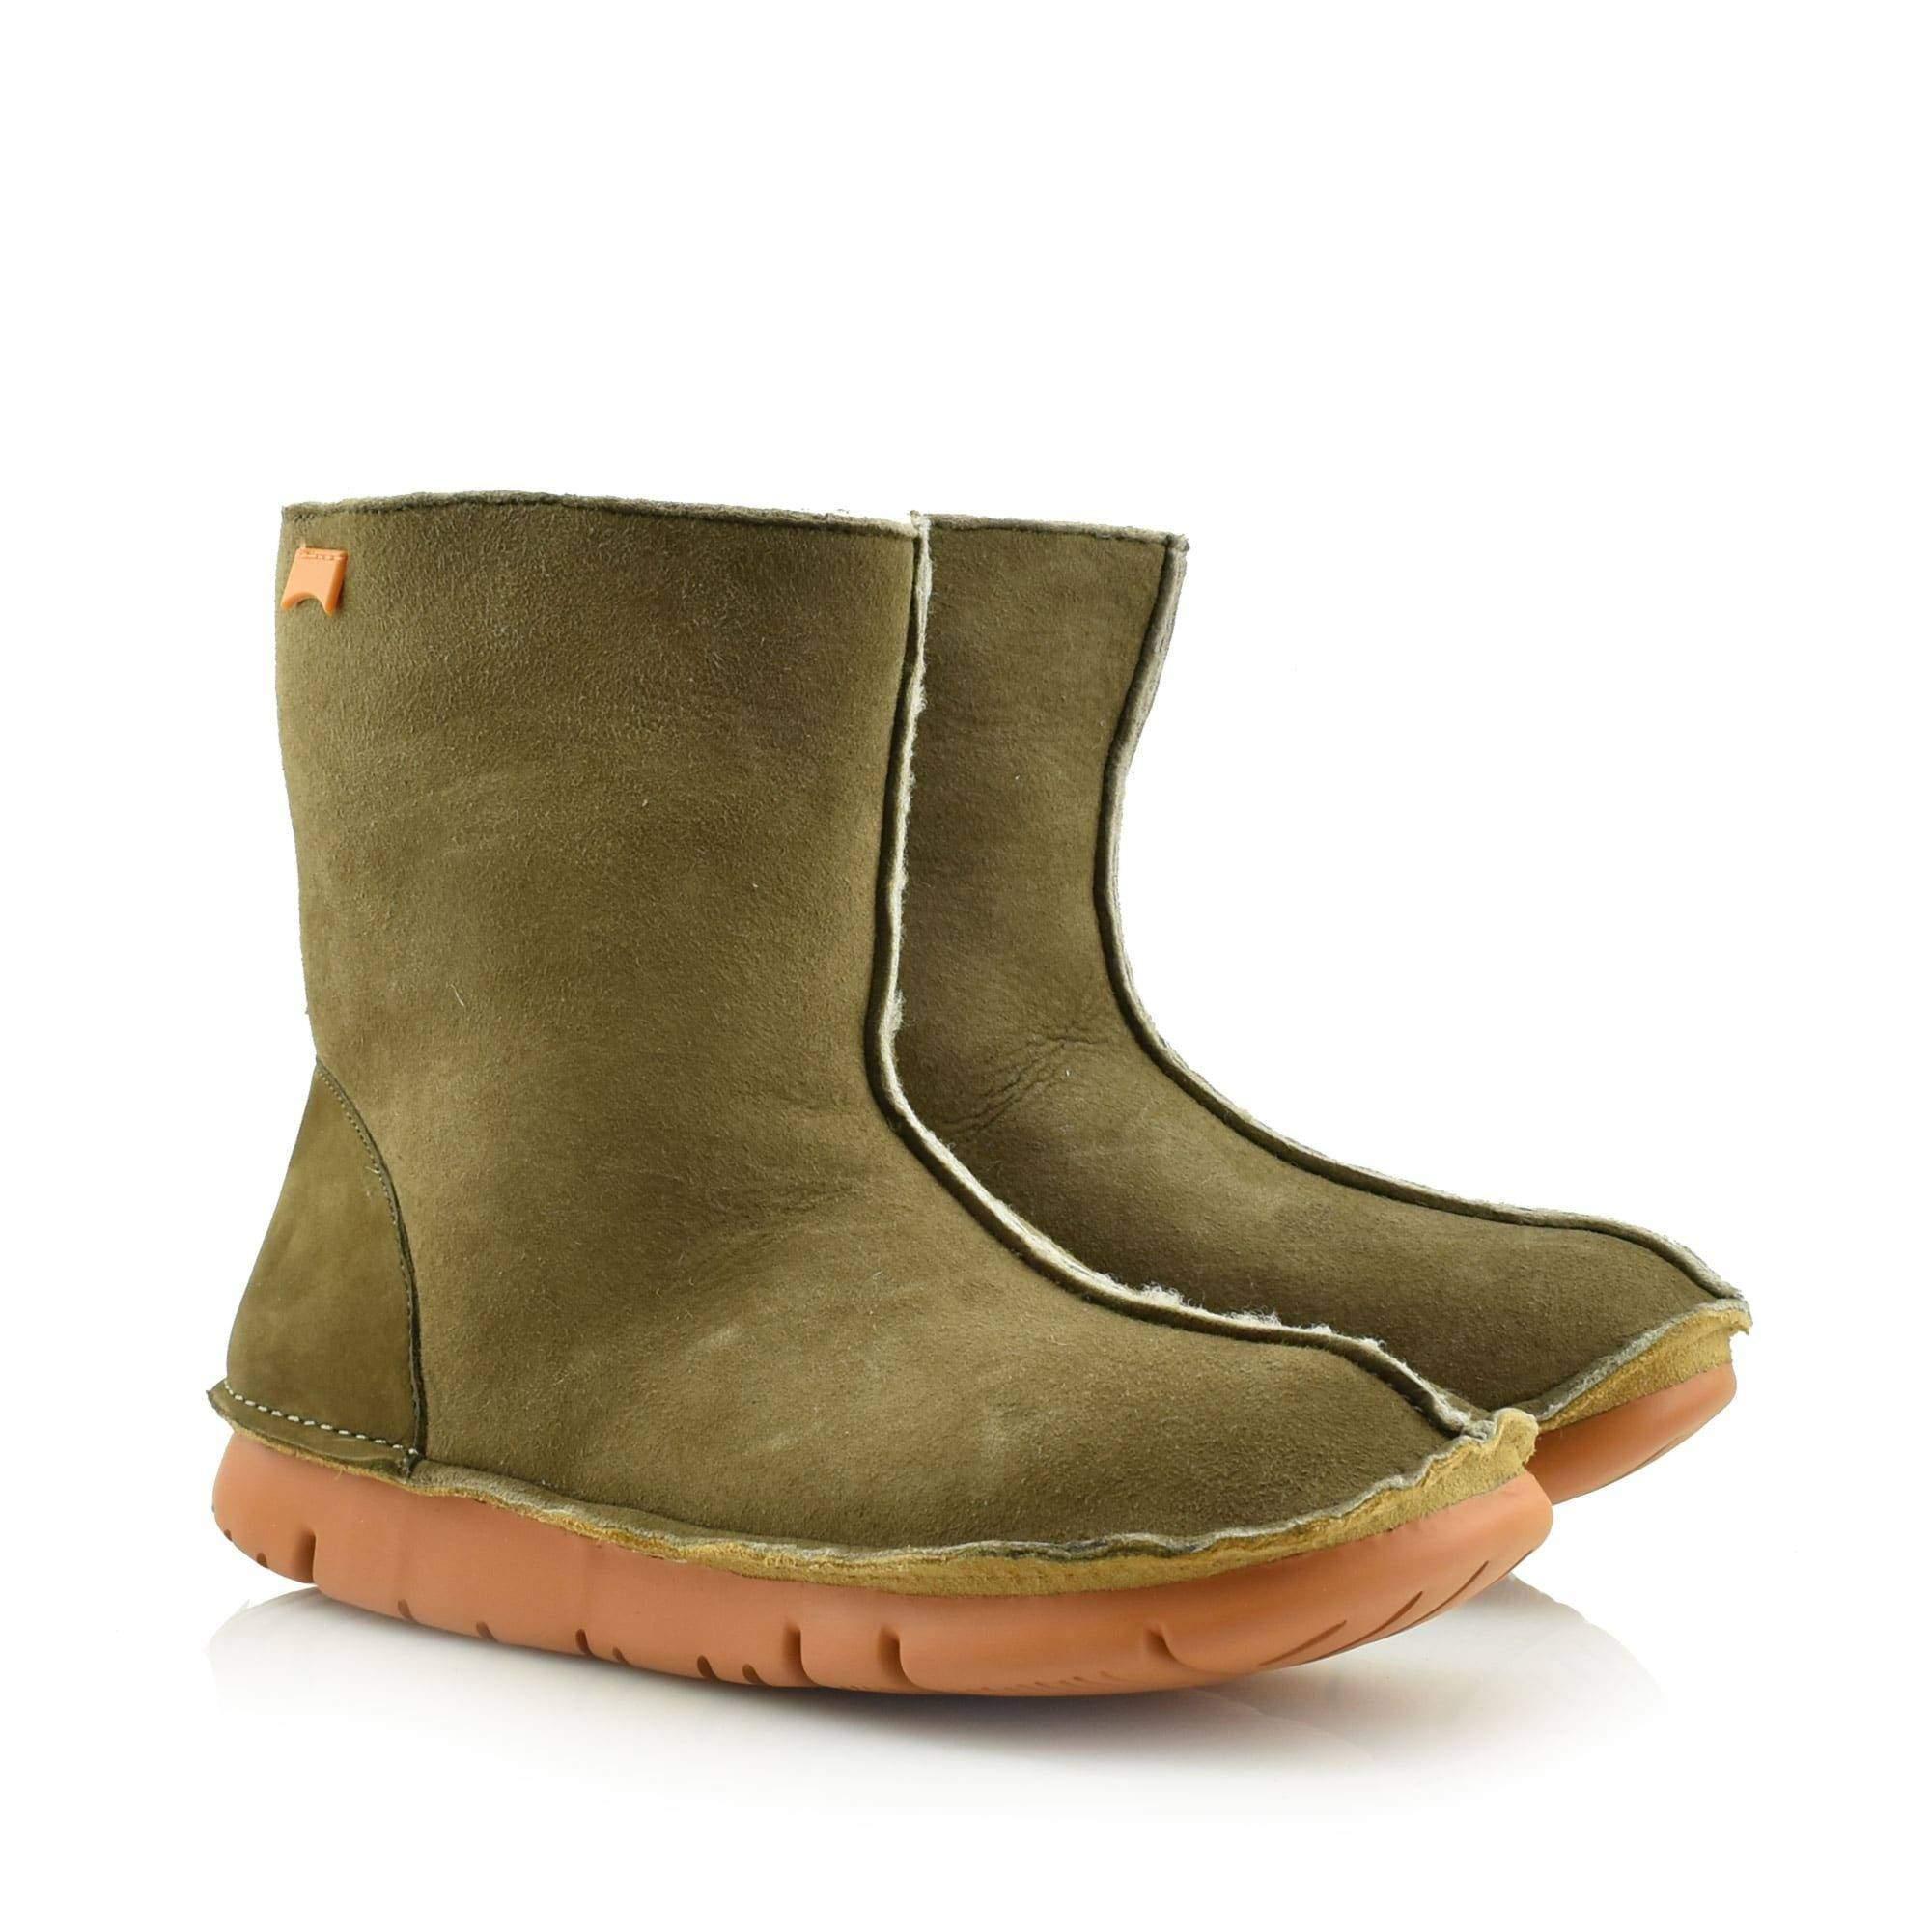 11fbaa693a1 001 | Γυναικείες Μπότες & Μποτάκια (Ταξινόμηση: Ακριβότερα) | Σελίδα ...